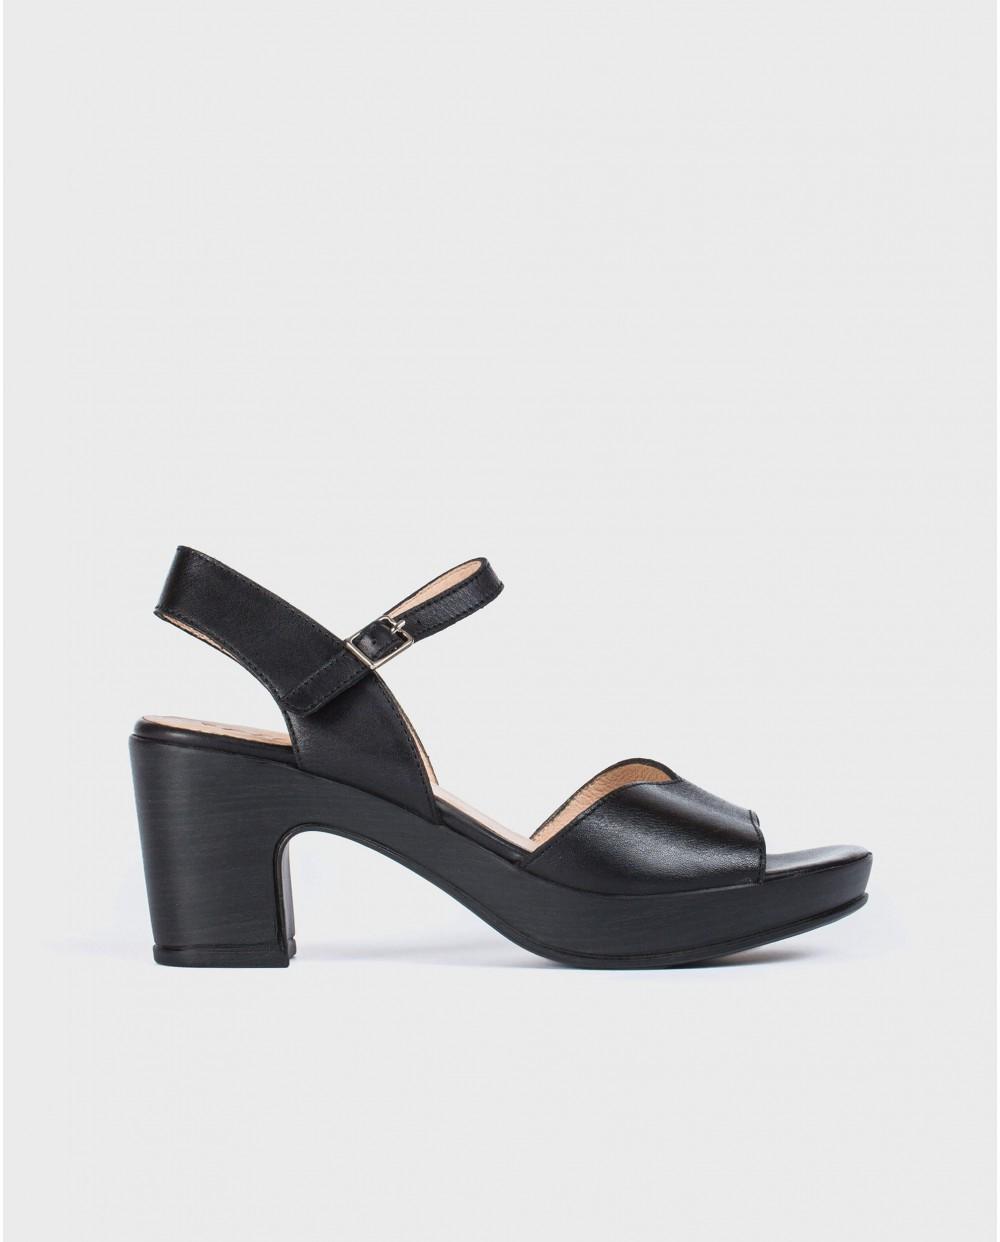 Wonders-Sandals-Platform sandal with irregular strap